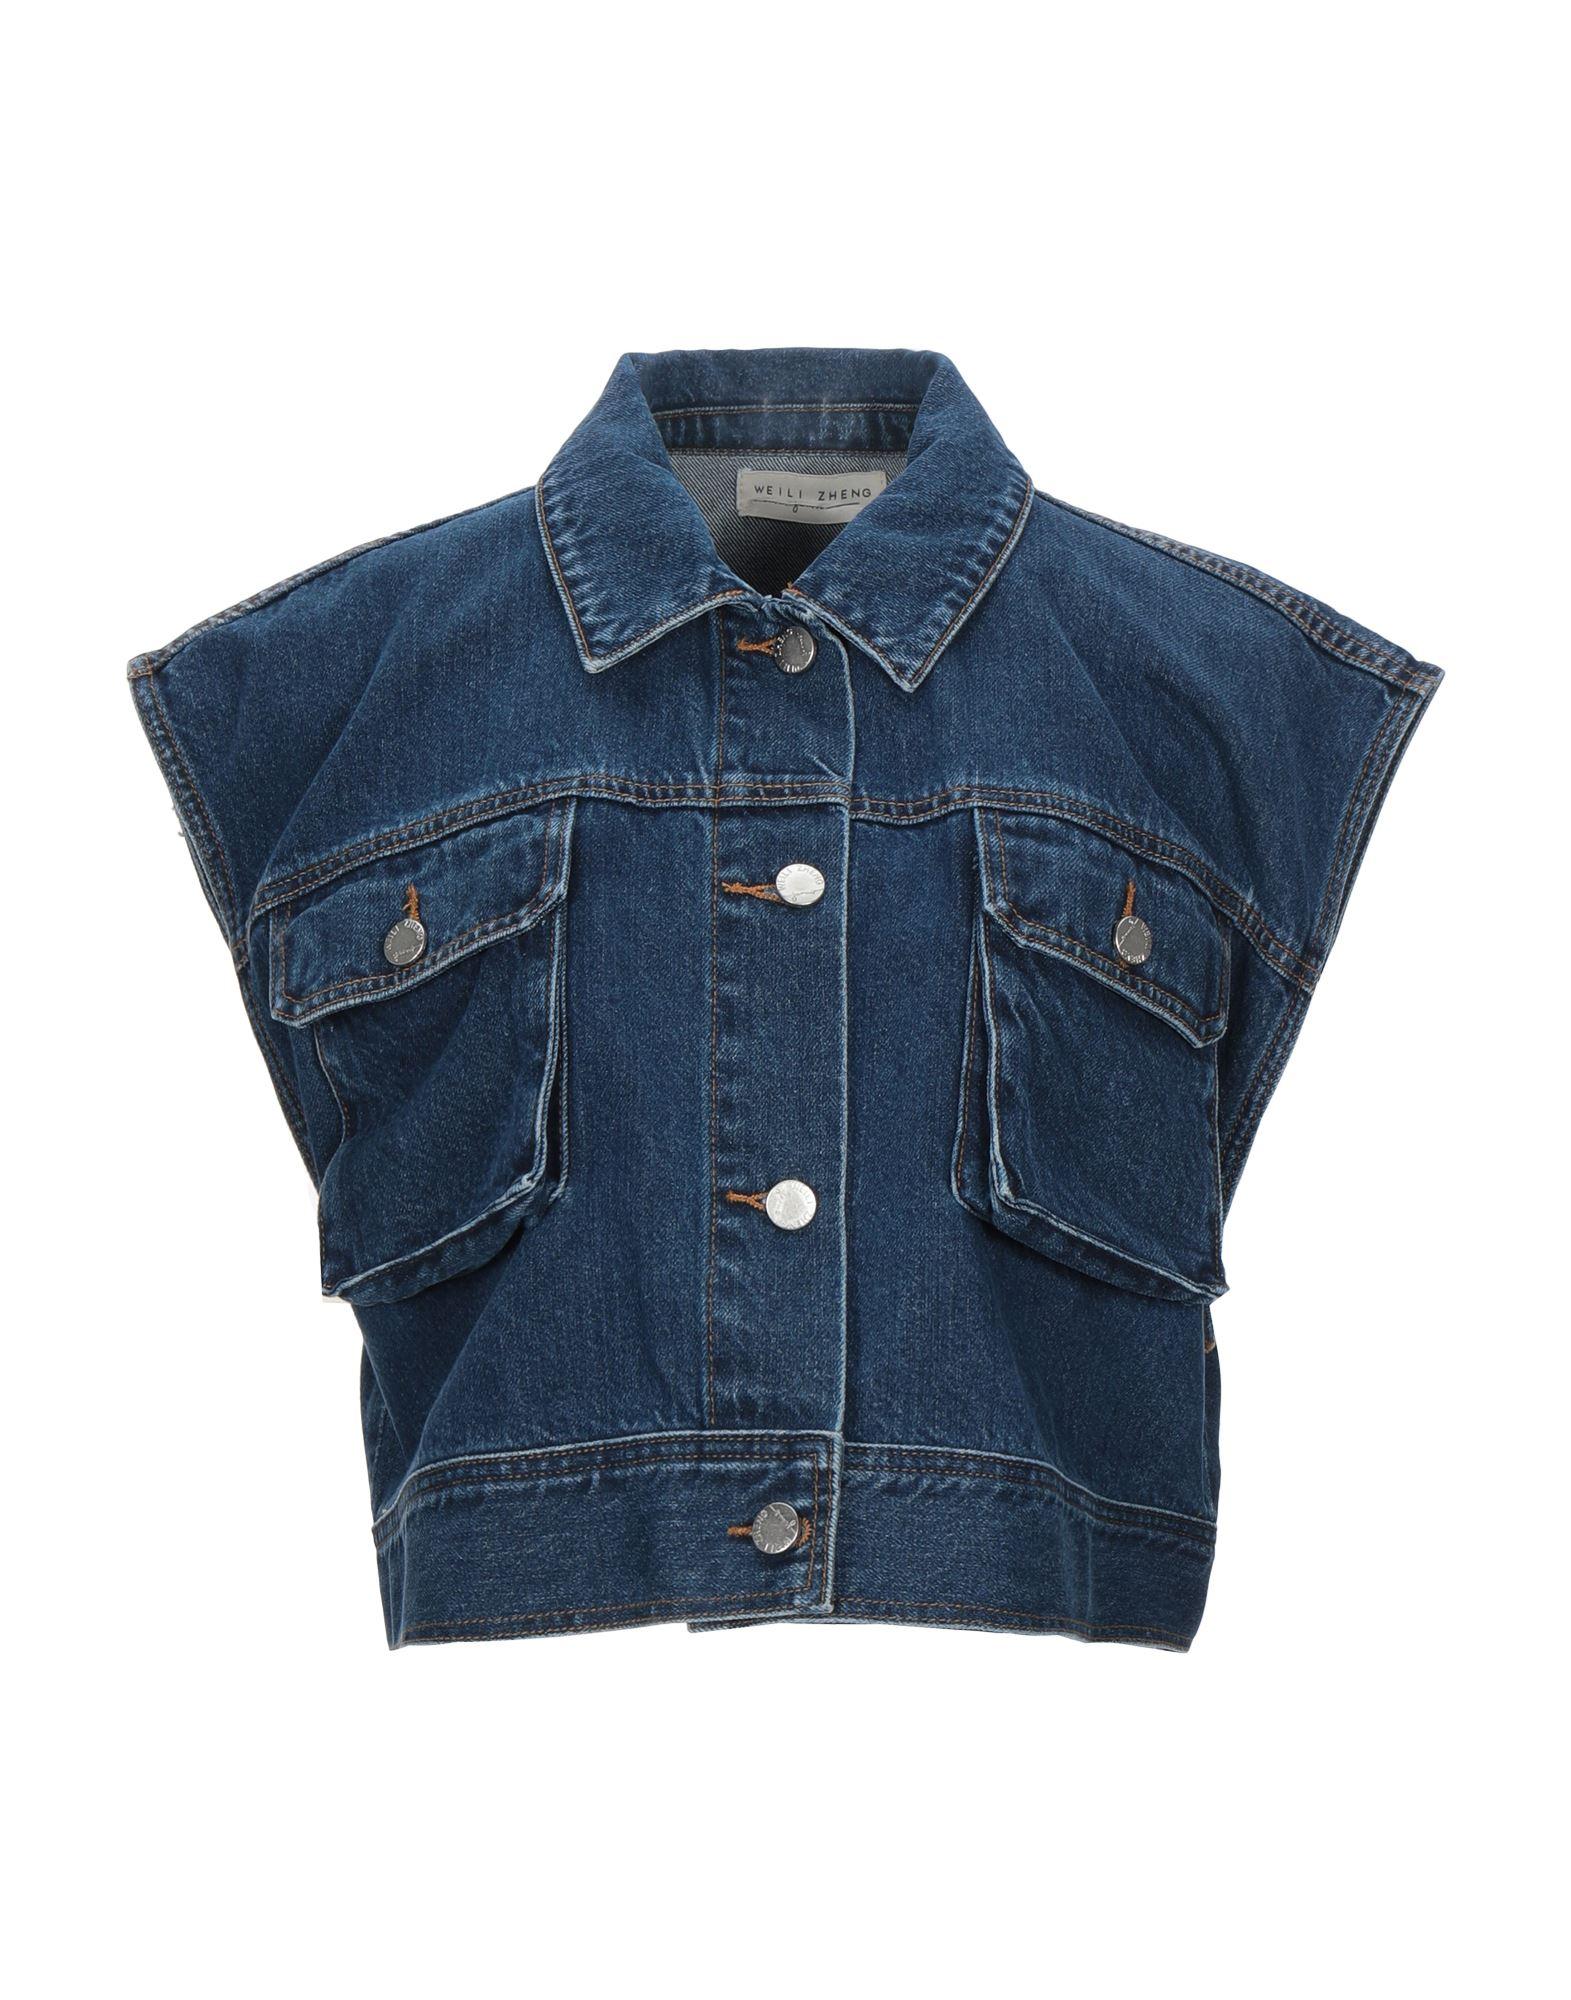 WEILI ZHENG Джинсовая верхняя одежда merci джинсовая верхняя одежда